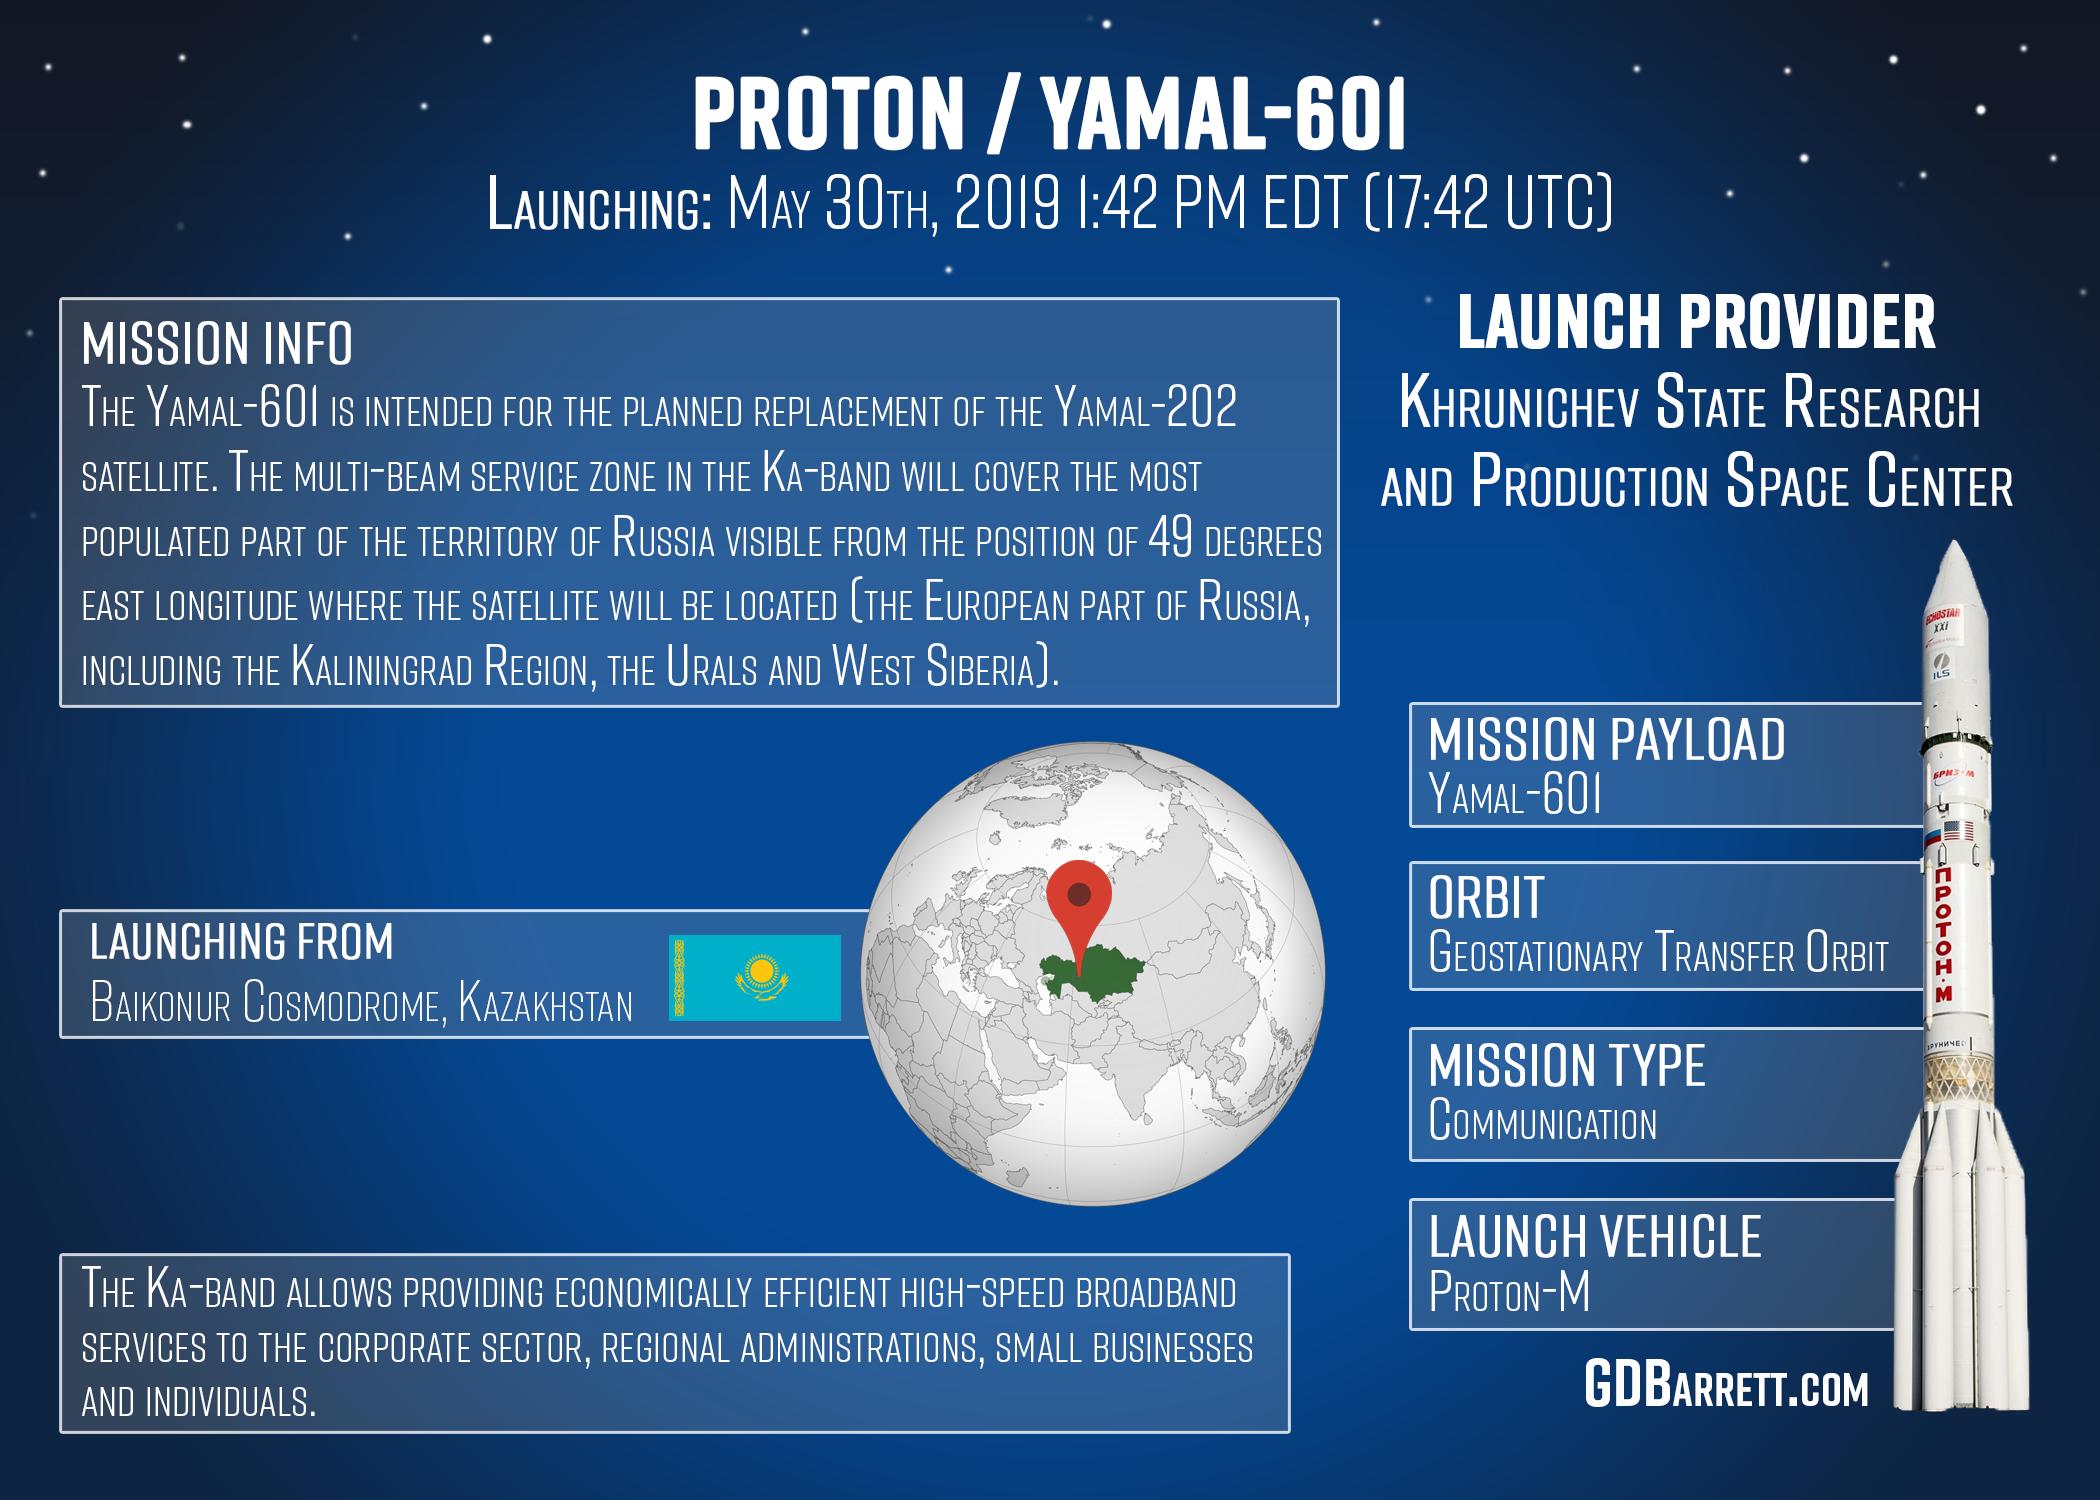 Proton / Yamal-601